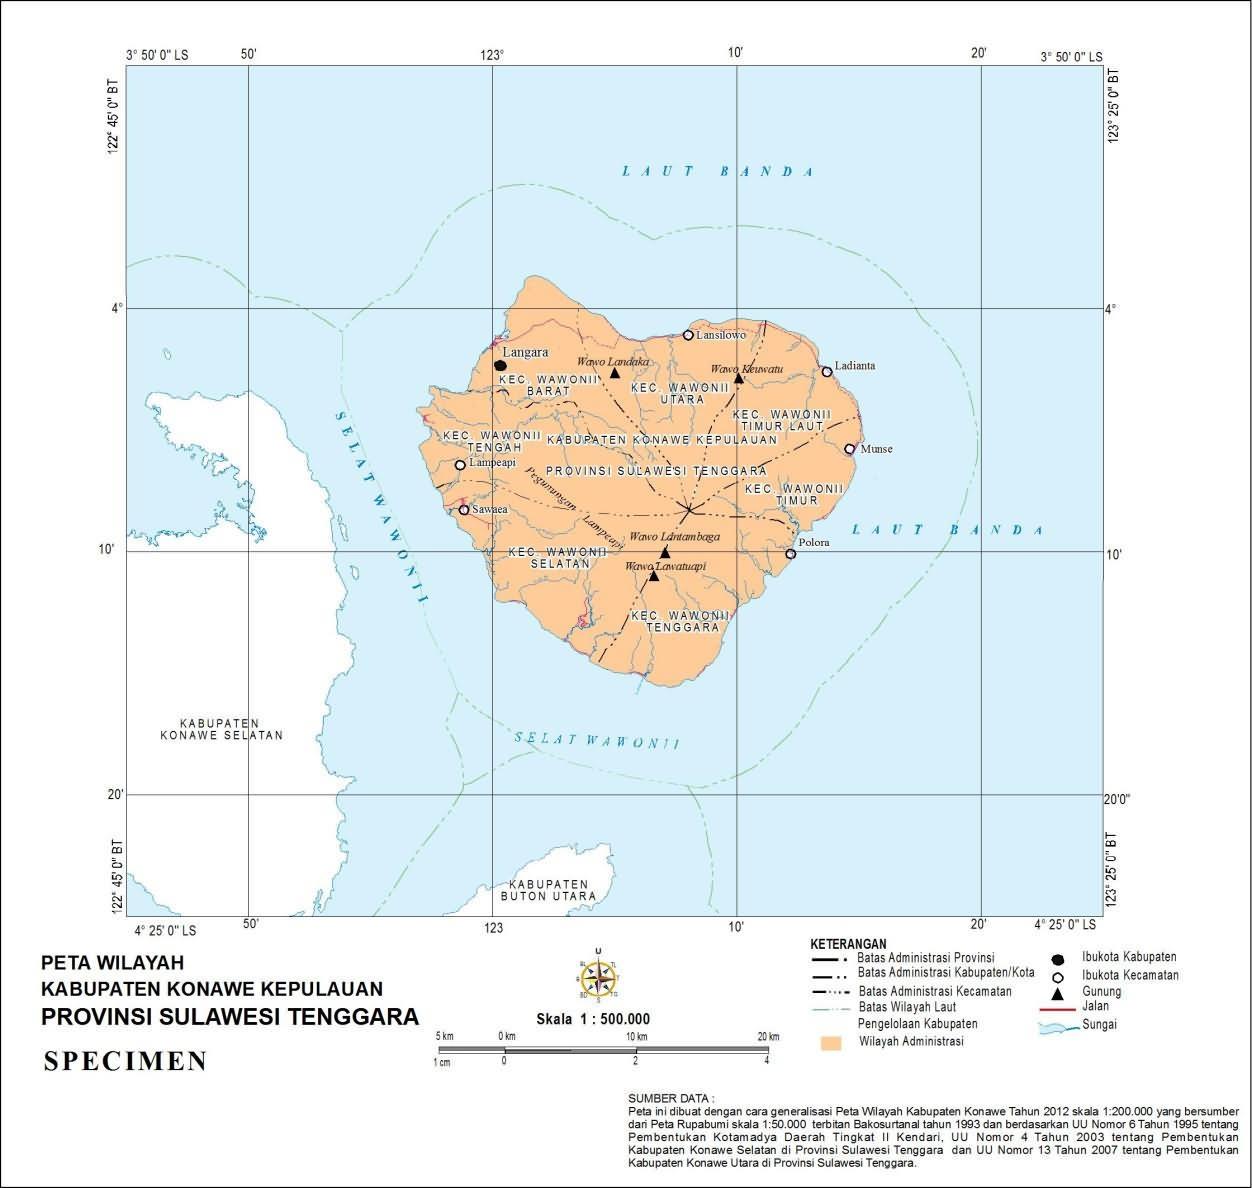 kabupaten konawe kepulauan provinsi sulawesi tenggara